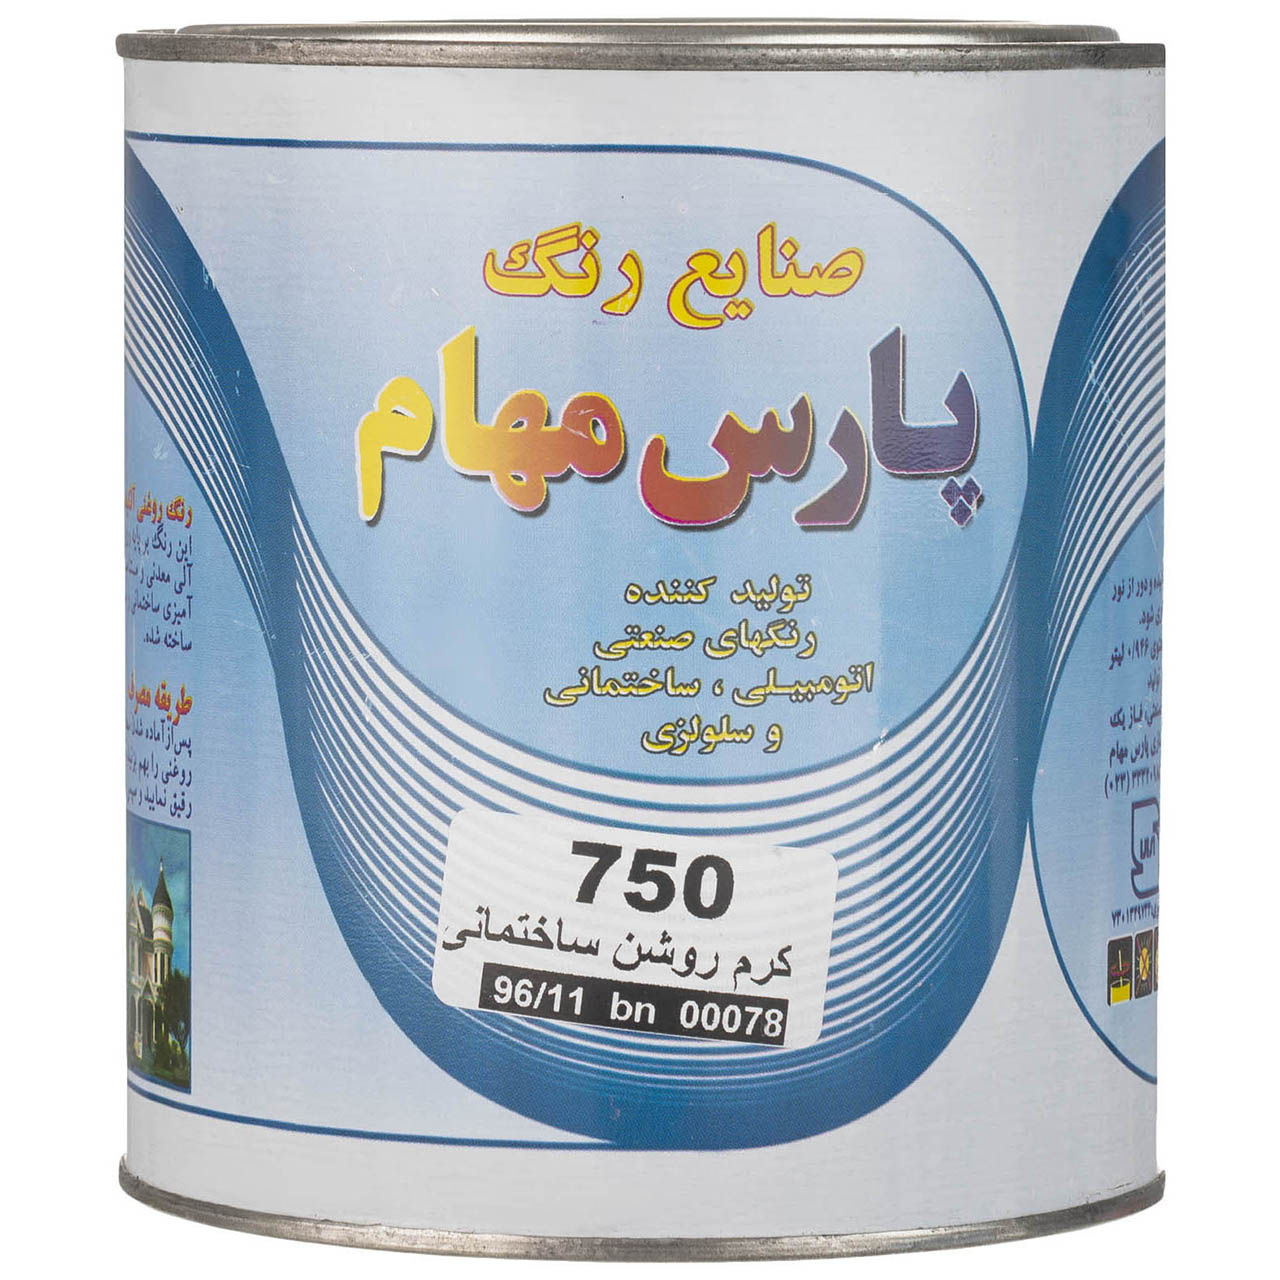 قیمت قوطی رنگ کرم روشن پارس مهام کد 750 حجم 946 میلی لیتر